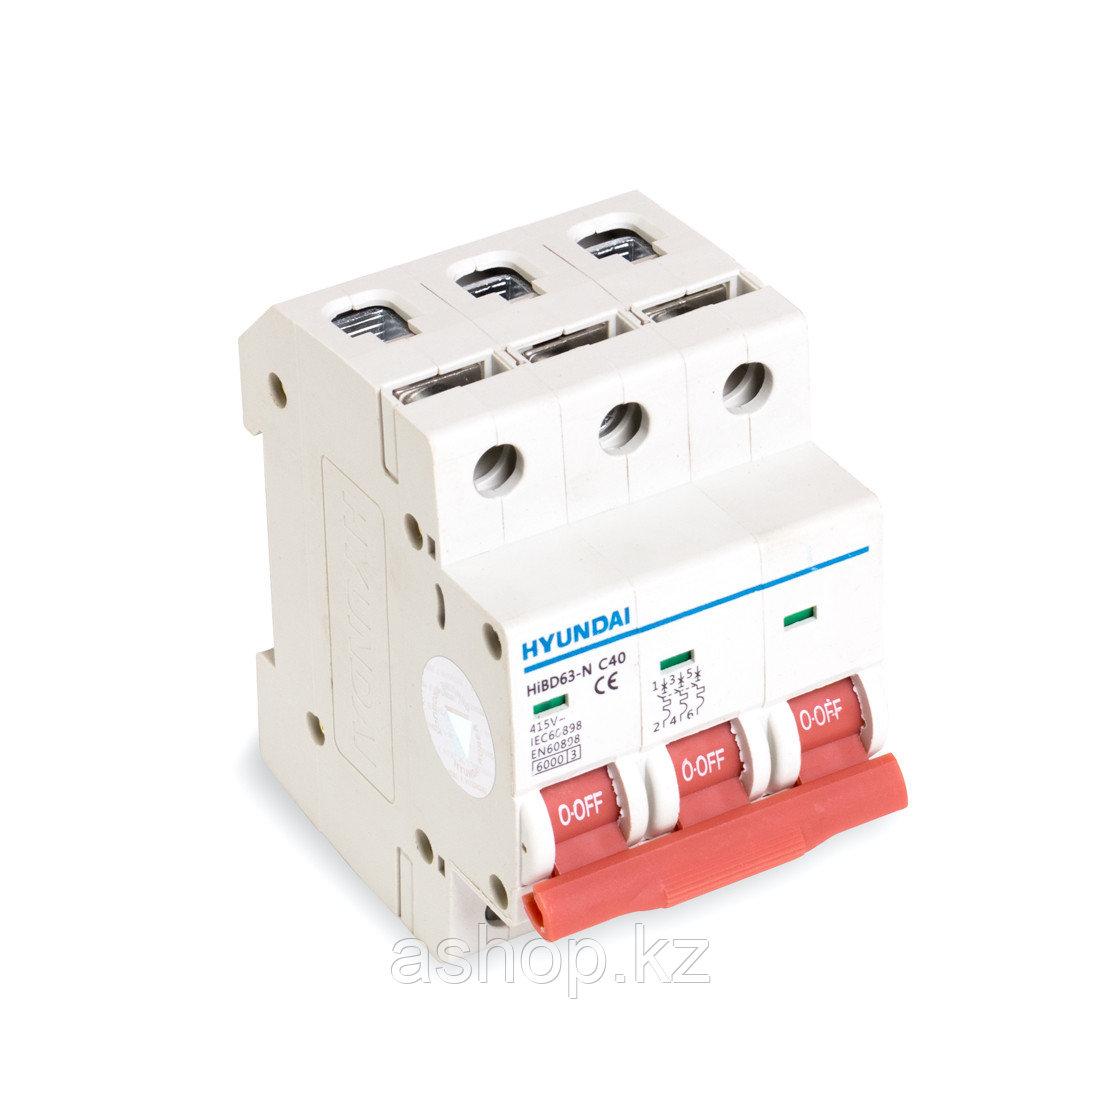 Автоматический выключатель реечный Hyundai HiBD63-N 3P 40А, 230/400 В, Кол-во полюсов: 3, Предел отключения: 6